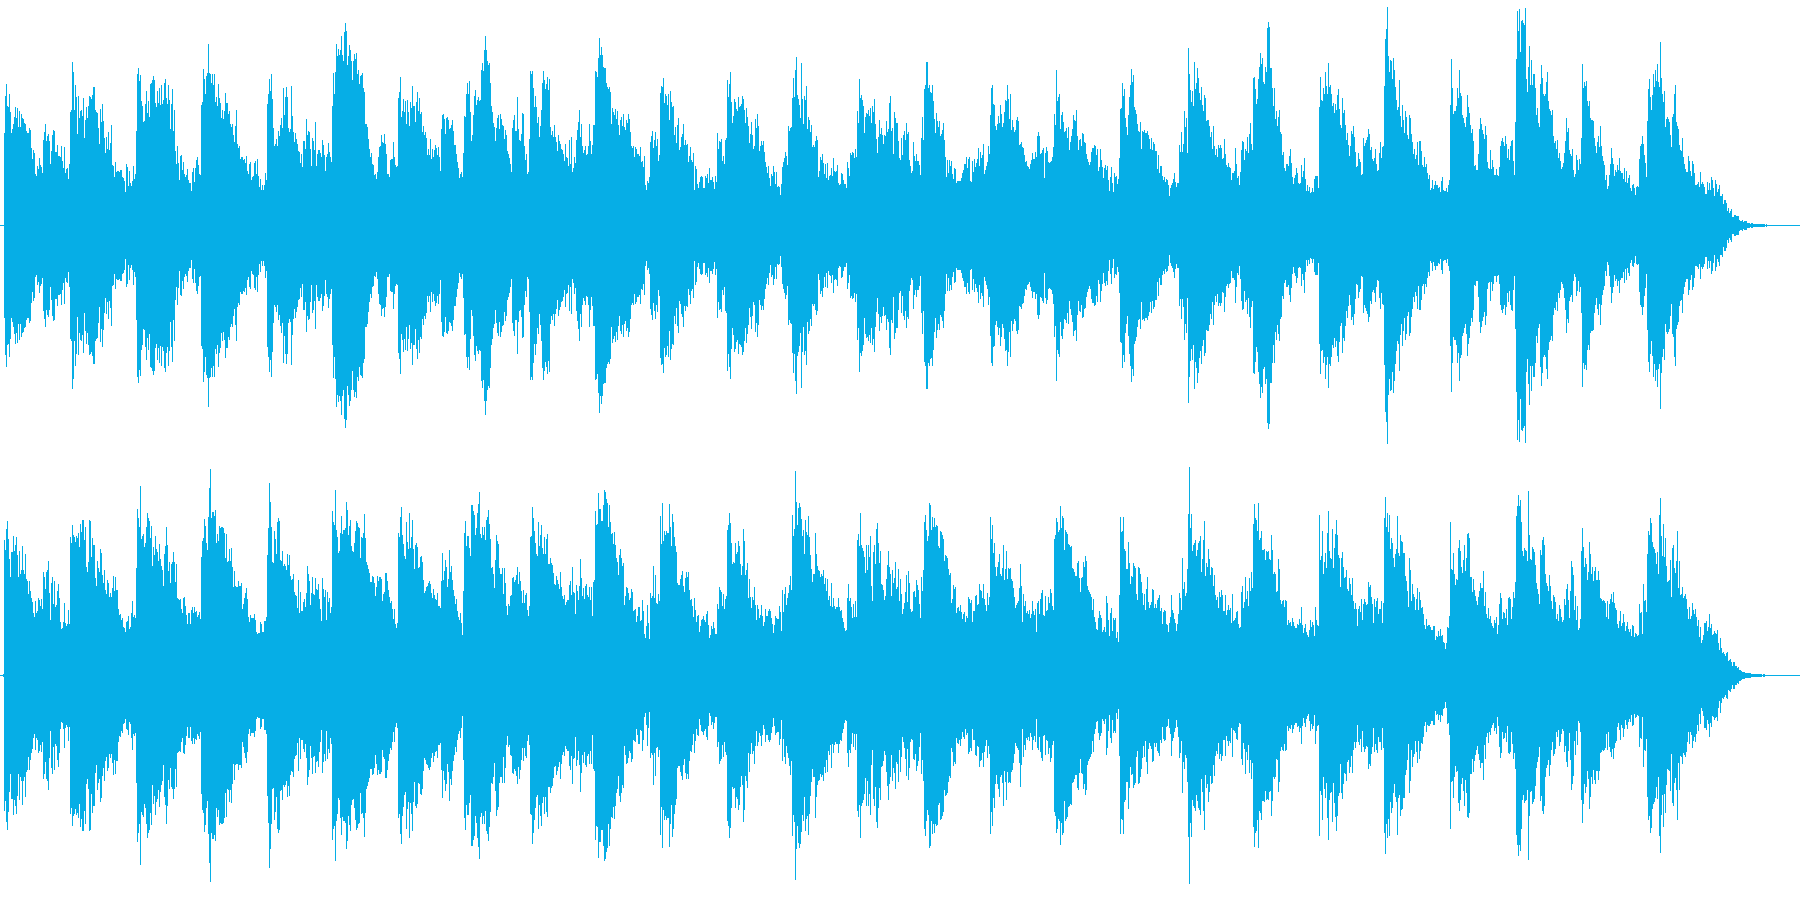 CloudyWindの再生済みの波形